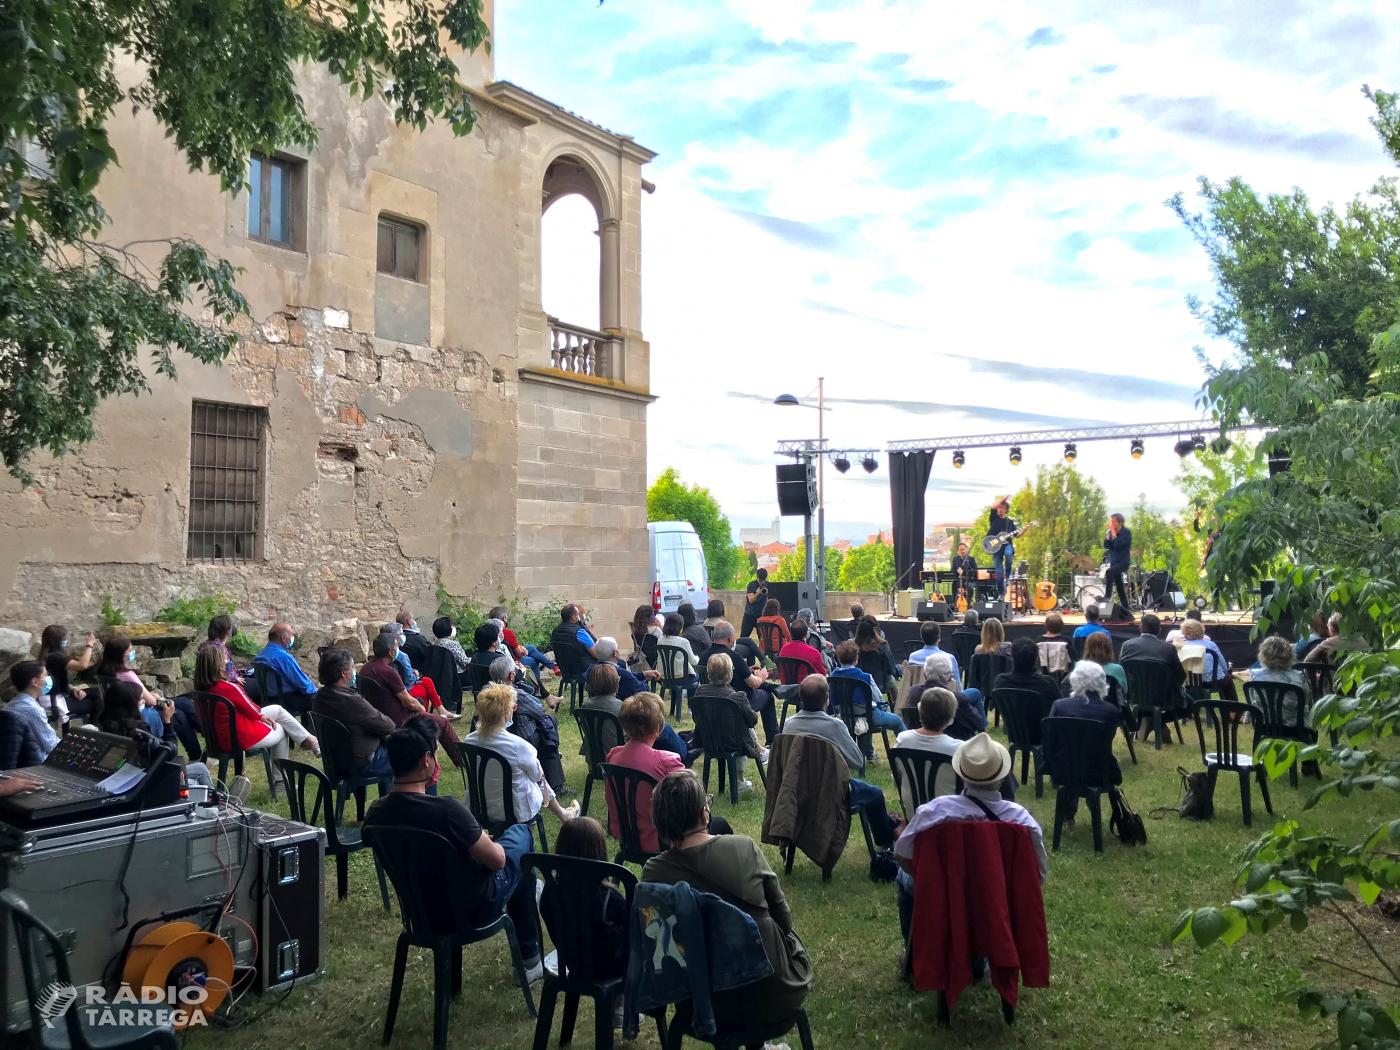 El convent de Sant Bartomeu de Bellpuig inicia el cicle 'Ritmes! Batecs de Cultura als museus, monuments i jaciments' de Catalunya amb un concert d'Eduard Iniesta